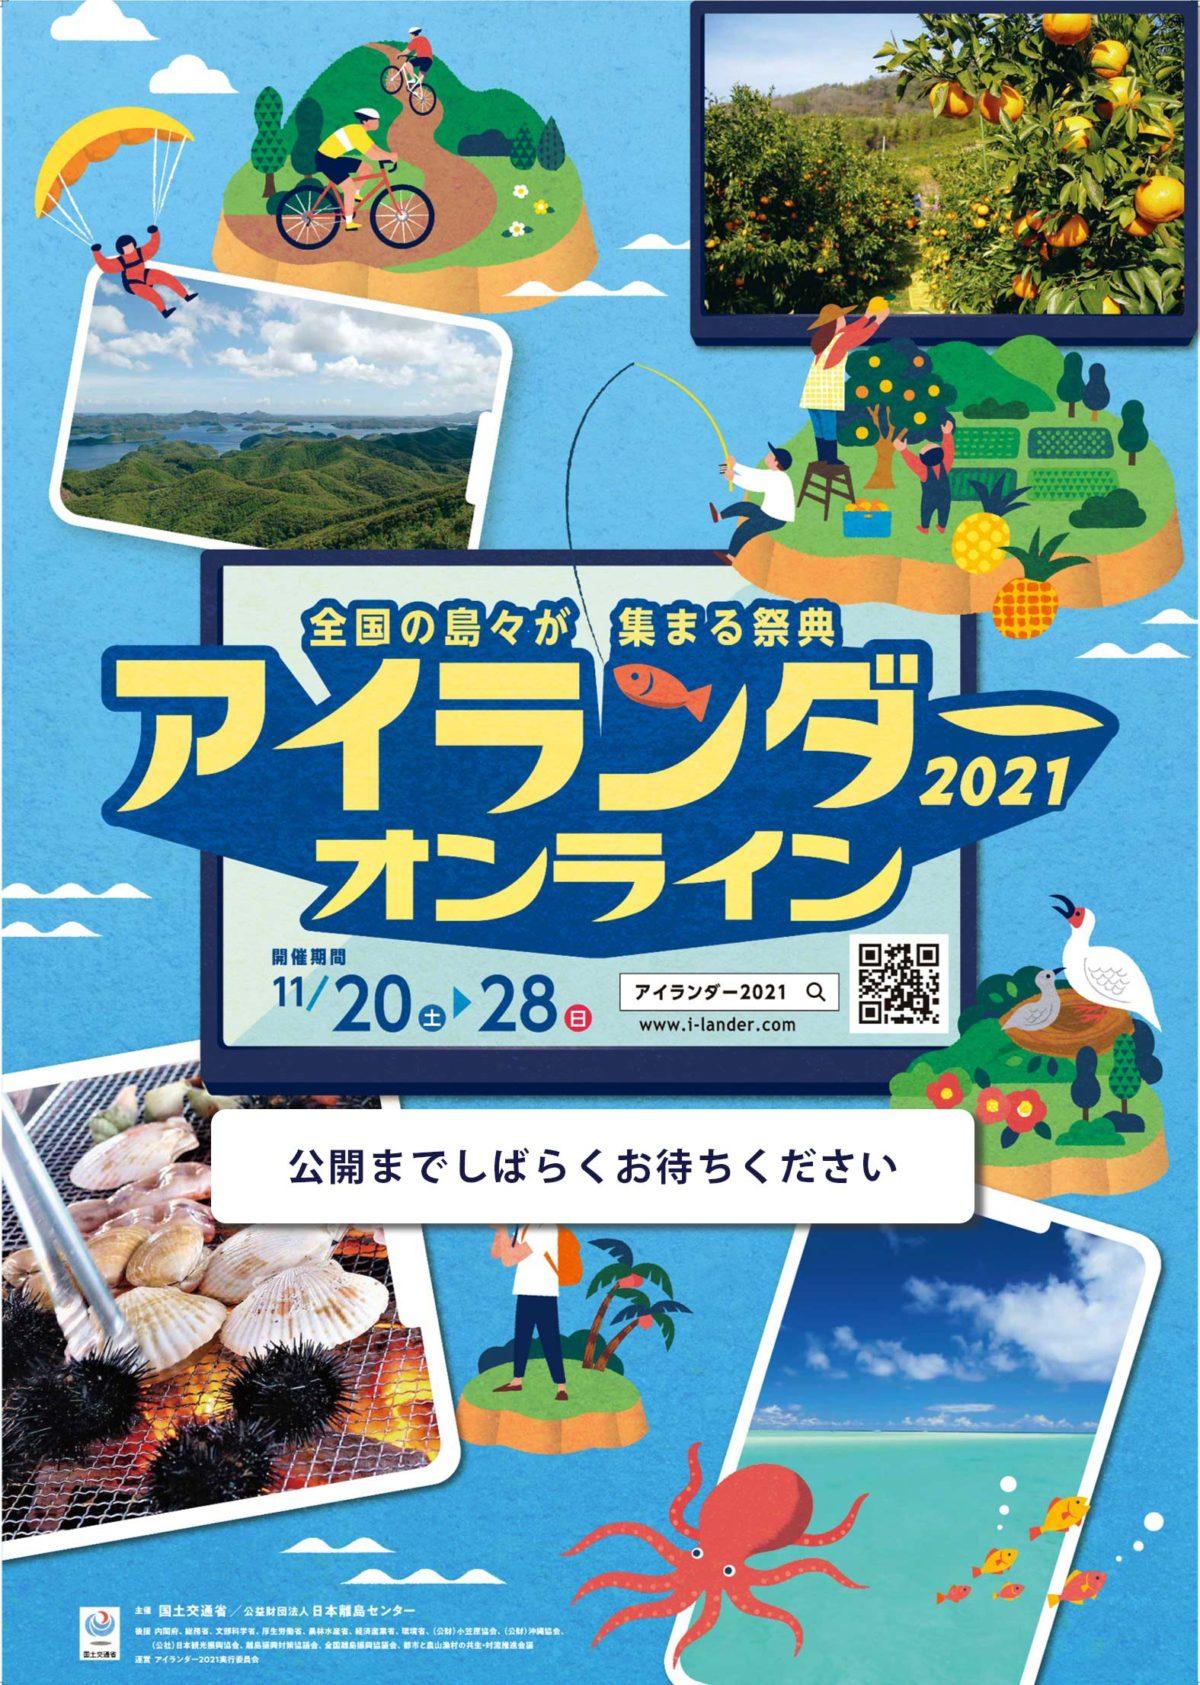 全国の島々が集まる祭典 アイランダー2021 オンライン